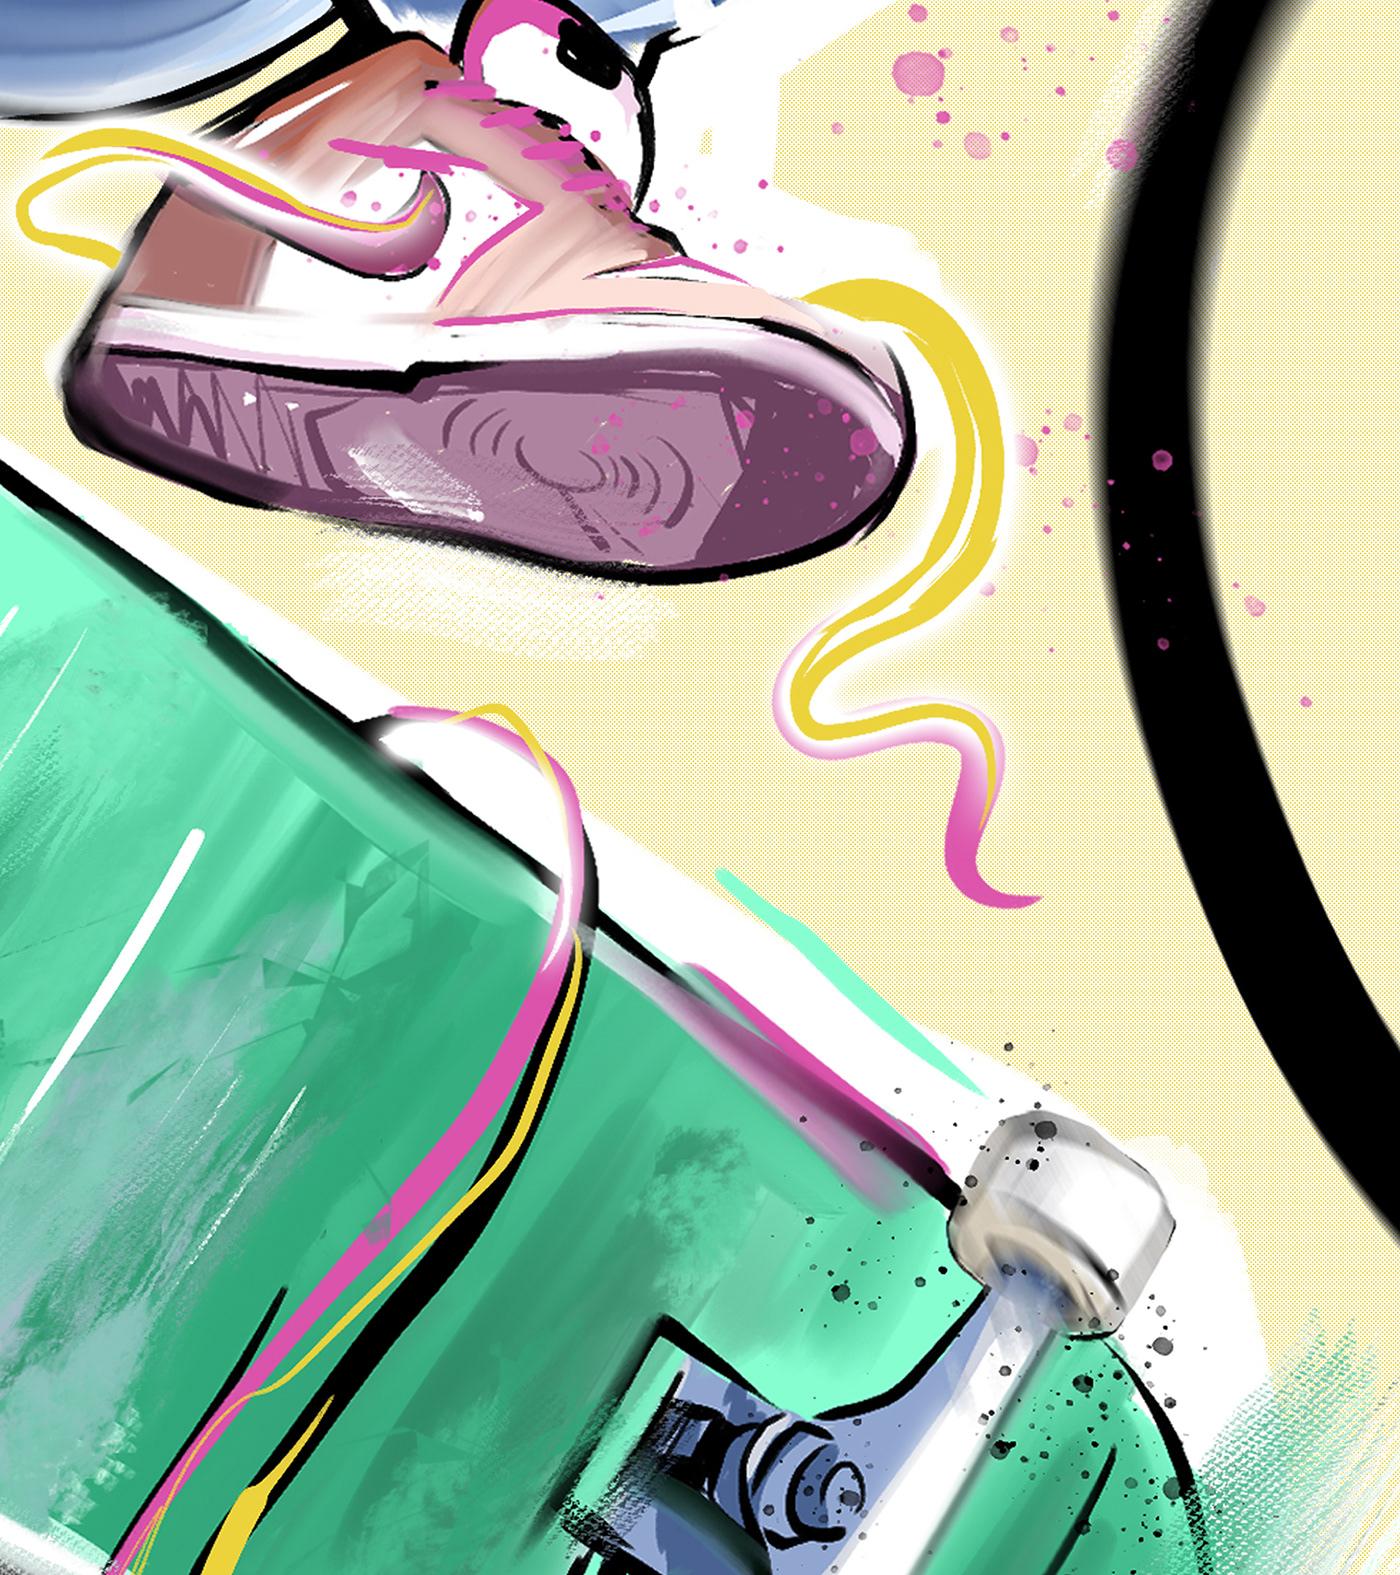 Image may contain: cartoon, drawing and art